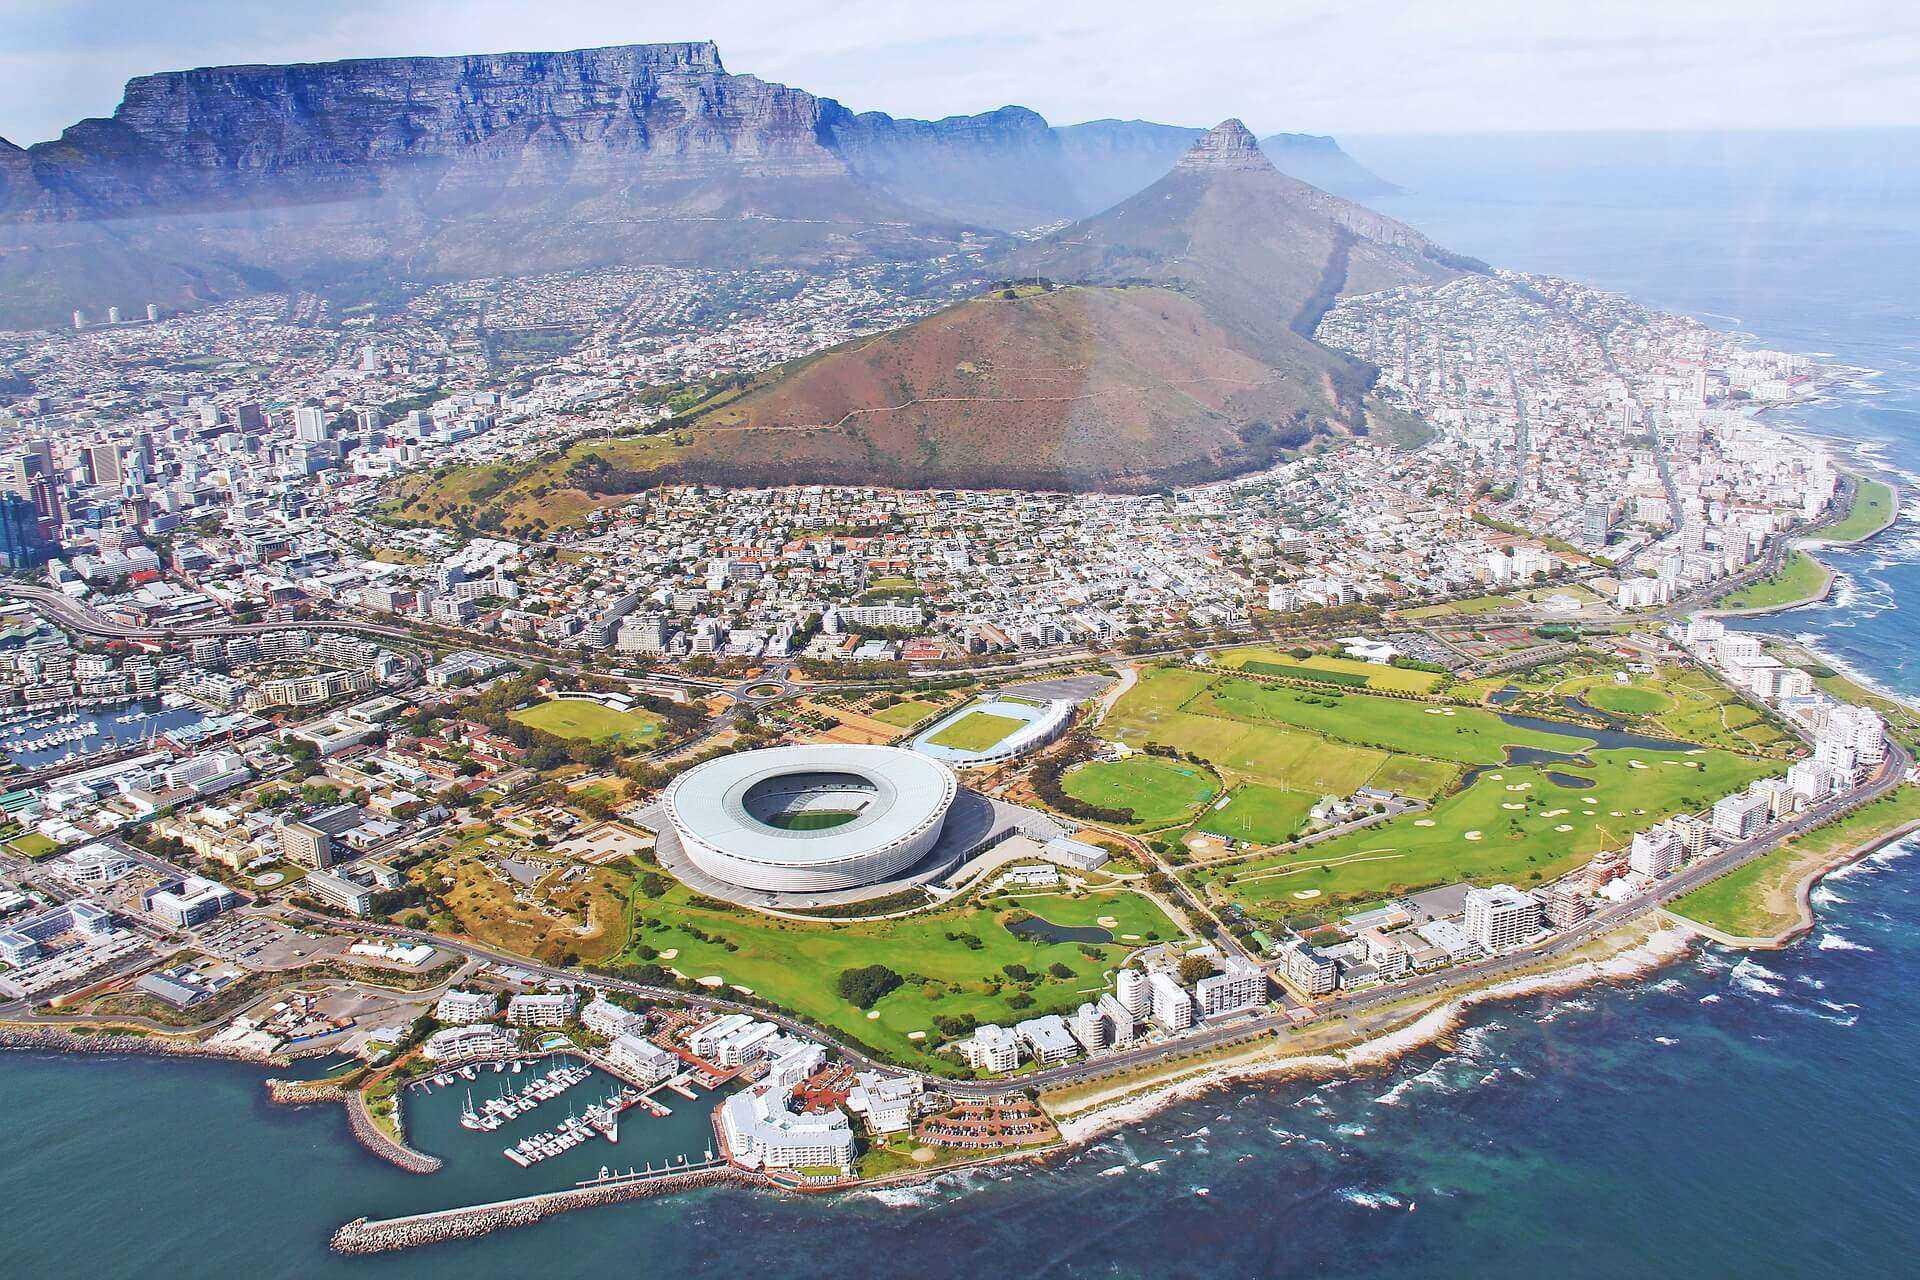 Direktflüge nach Kapstadt